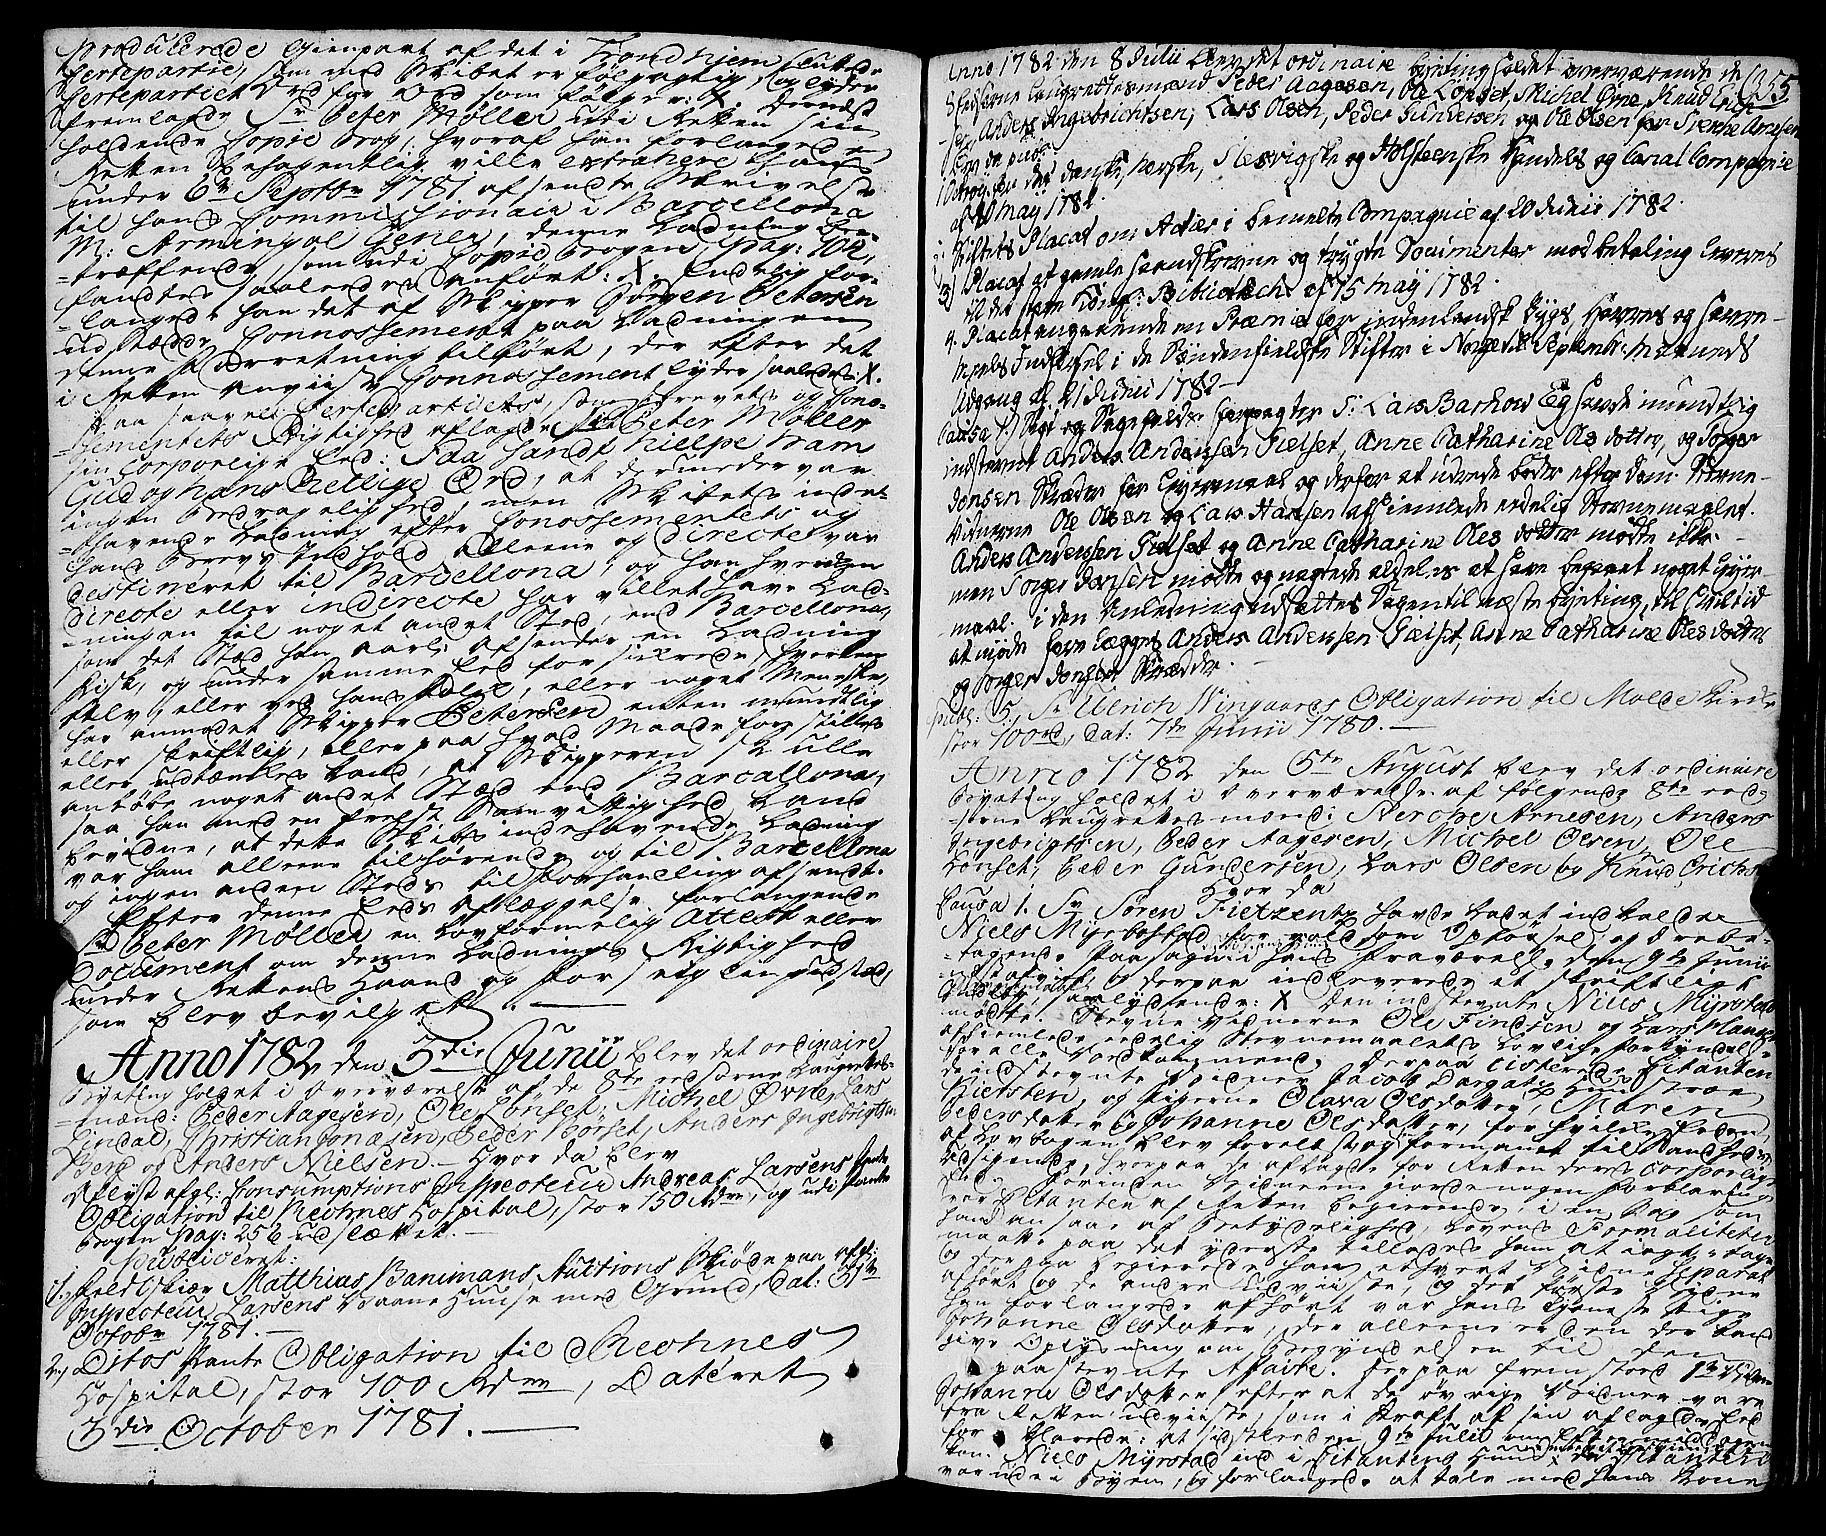 SAT, Molde byfogd, 1/1A/L0001: Justisprotokoll, 1764-1796, s. 356